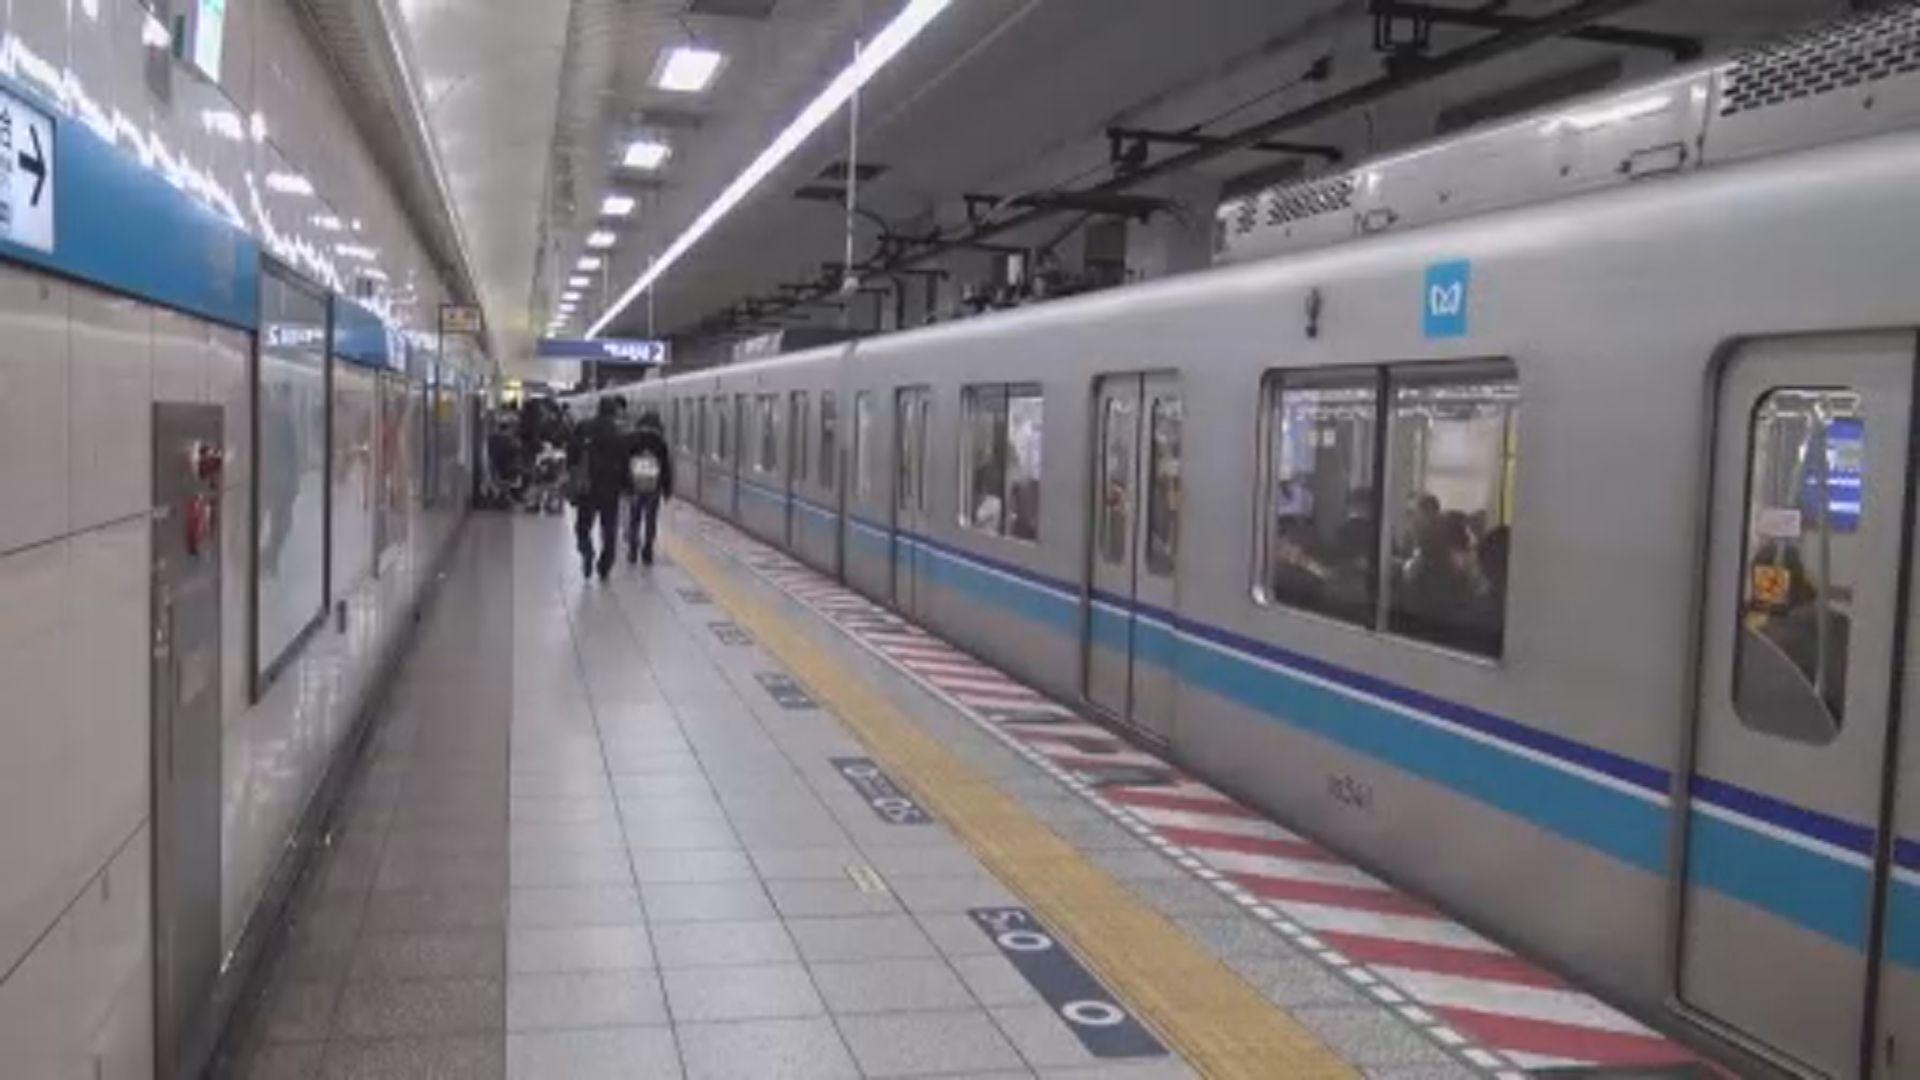 【環球薈報】日本明年四月起禁乘客帶刀上車